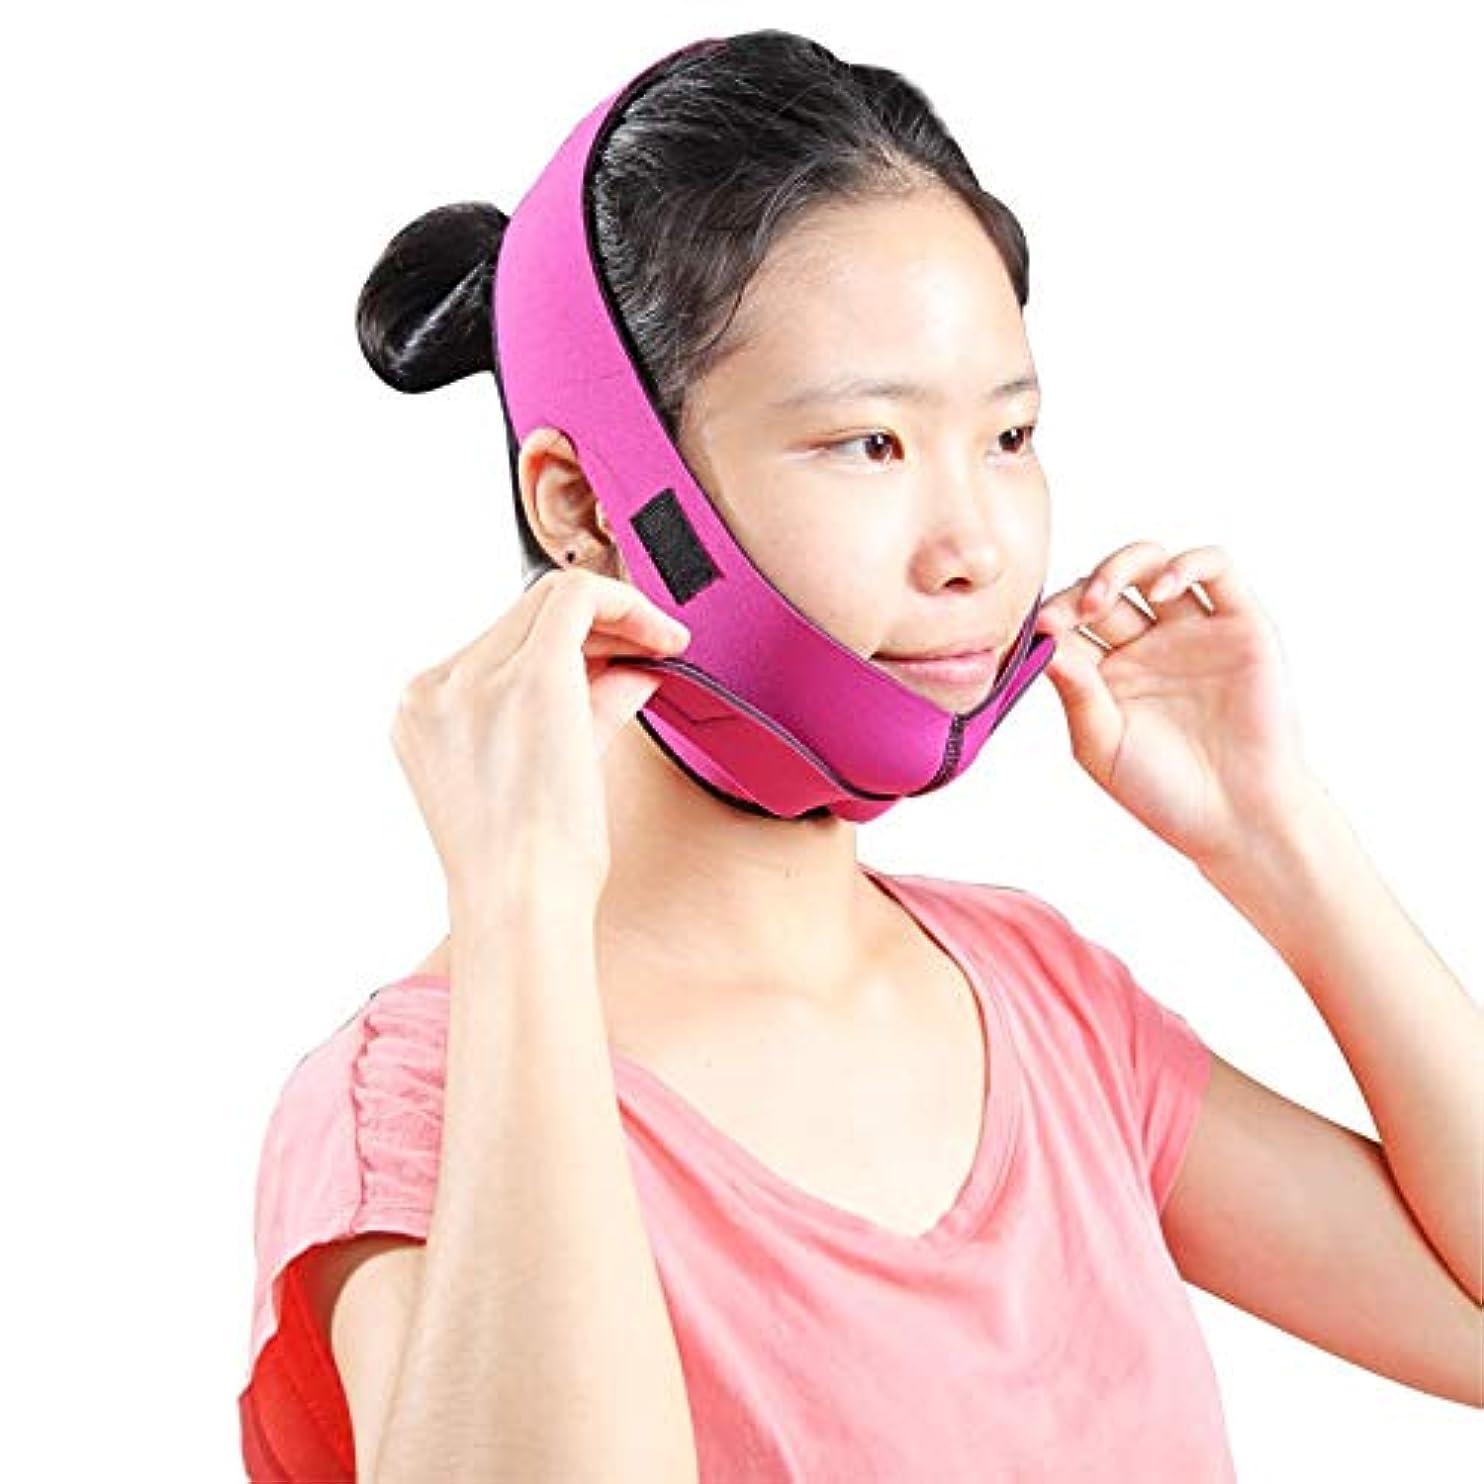 リマーク左ソーシャルフェイスリフティングベルト、V-フェイスマスク、顔の整形、抗しわ、二重あご、レデューサー、リフティング、ファーミング、フェイシャル?ビューティ (Color : A)